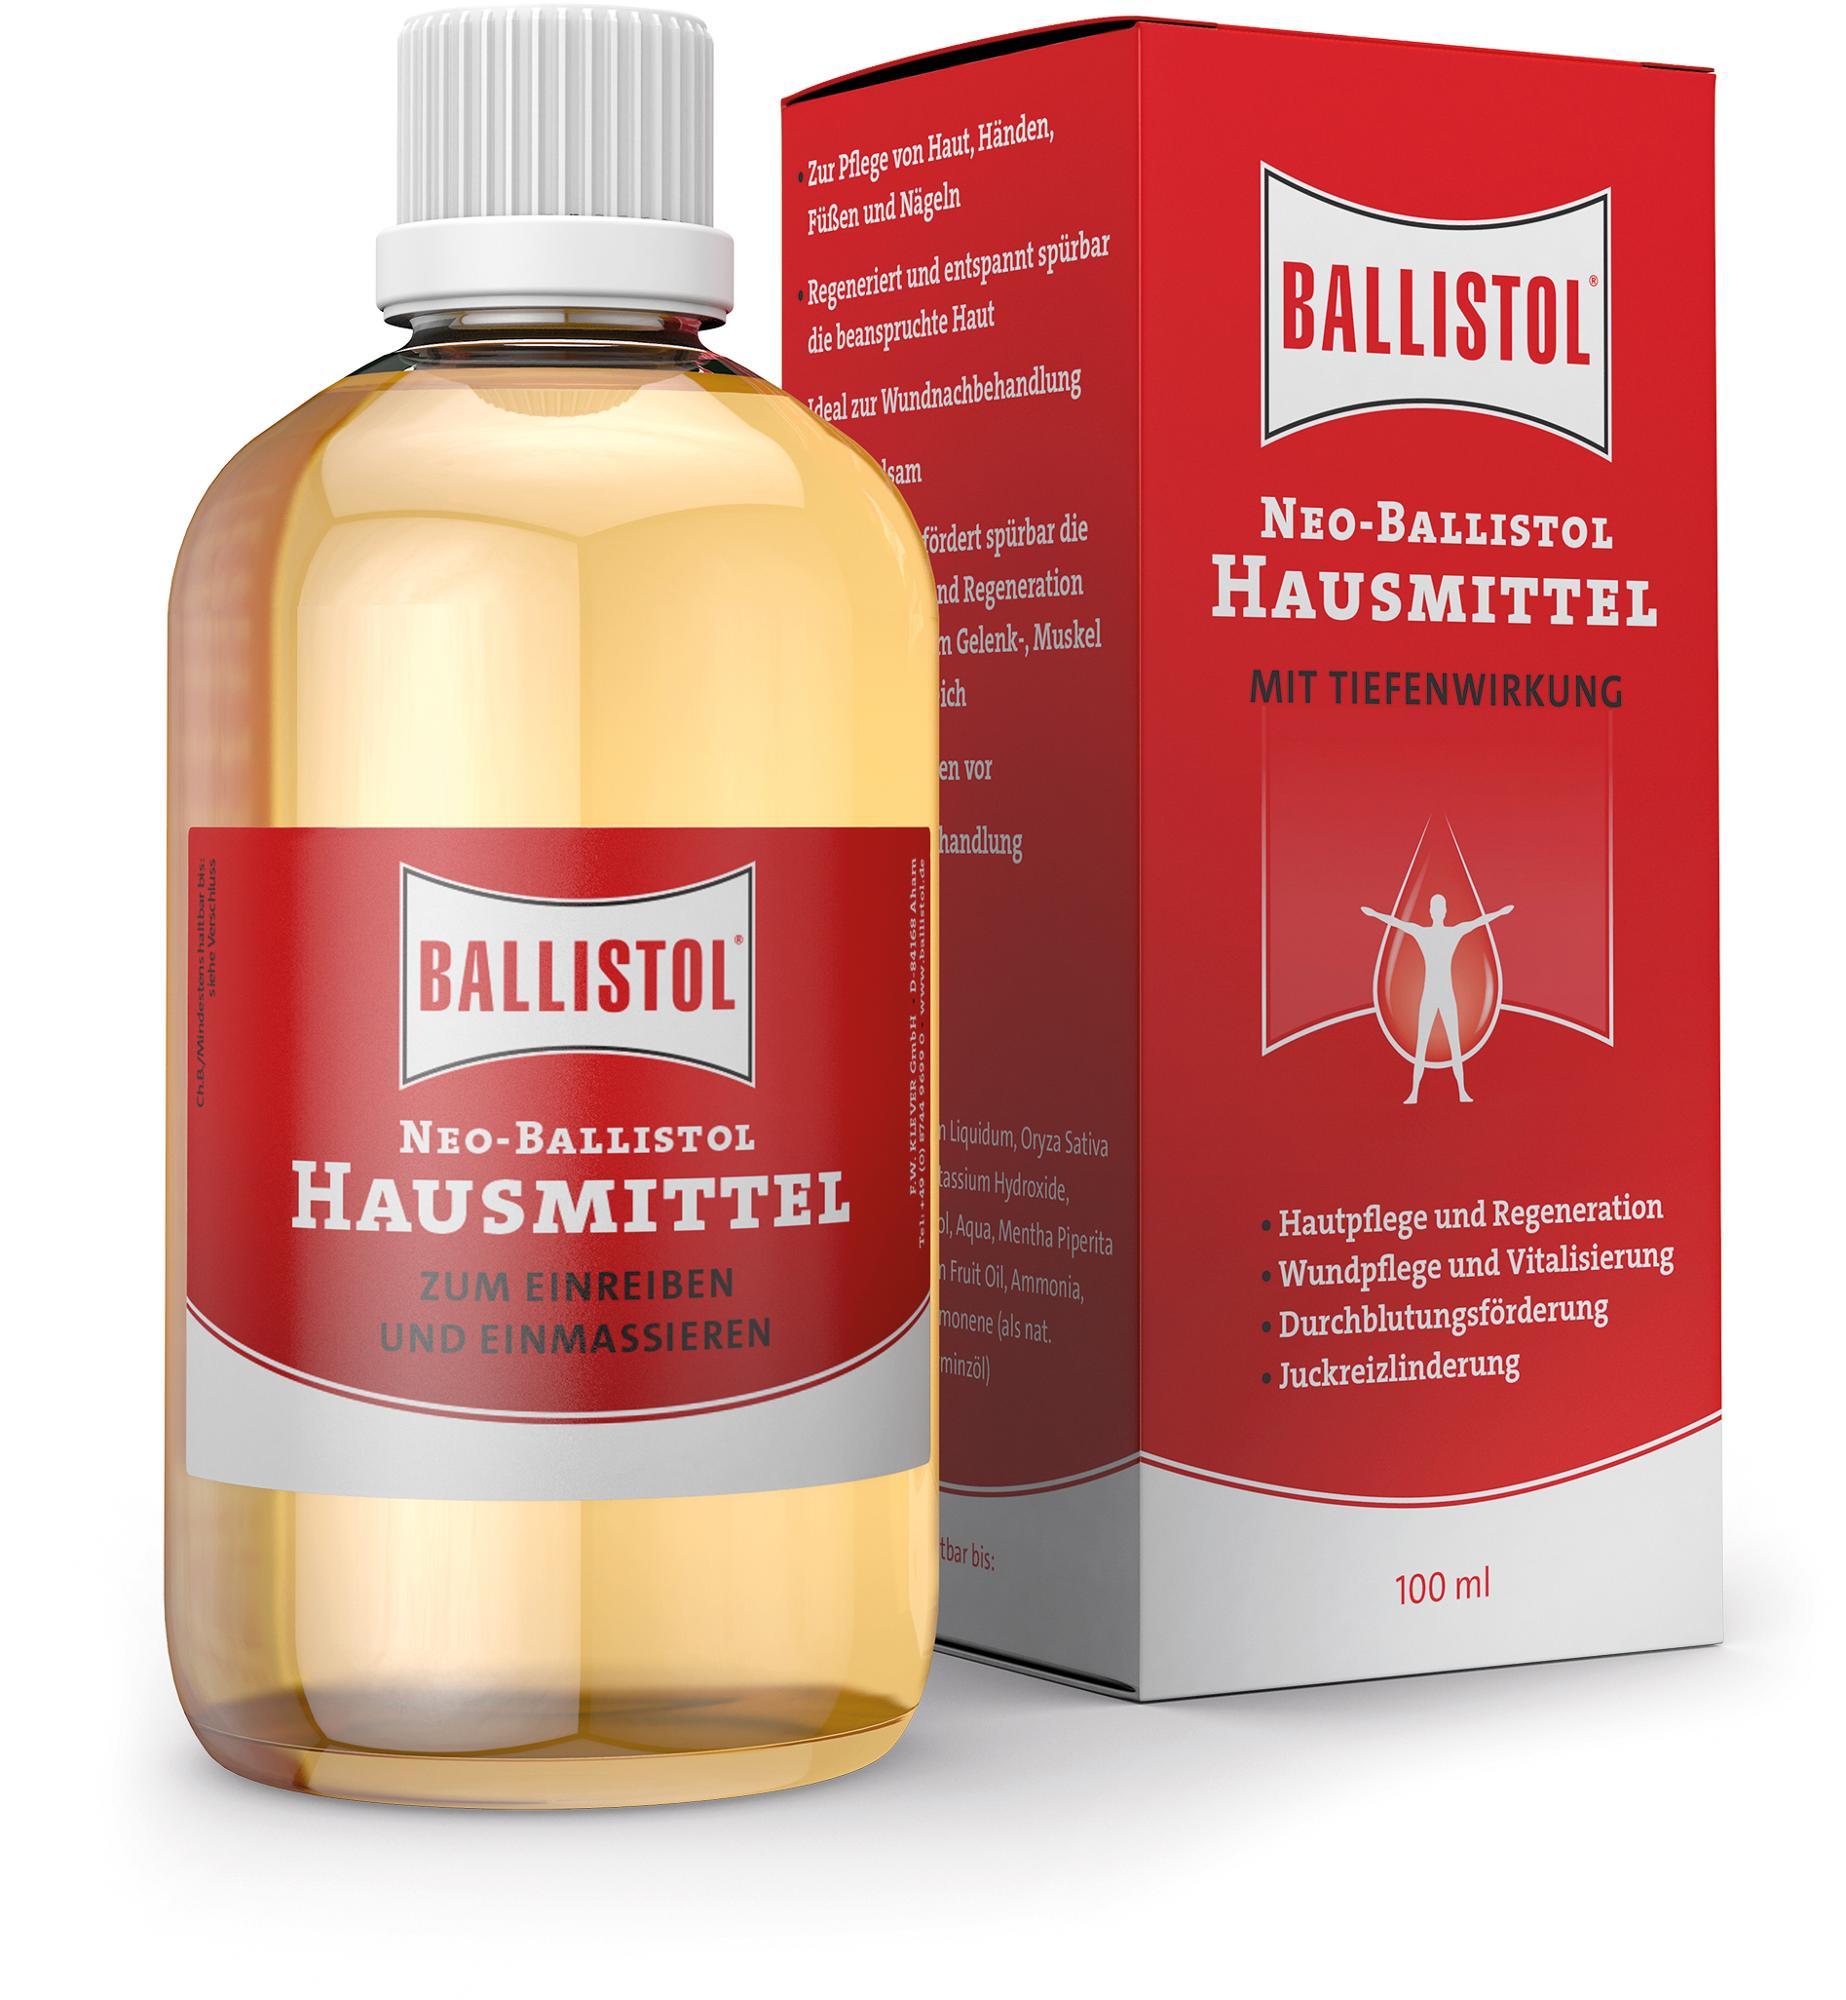 Ballistol Neo Ballistol Hausmittel Pflegeöl 100ml Von Ballistol